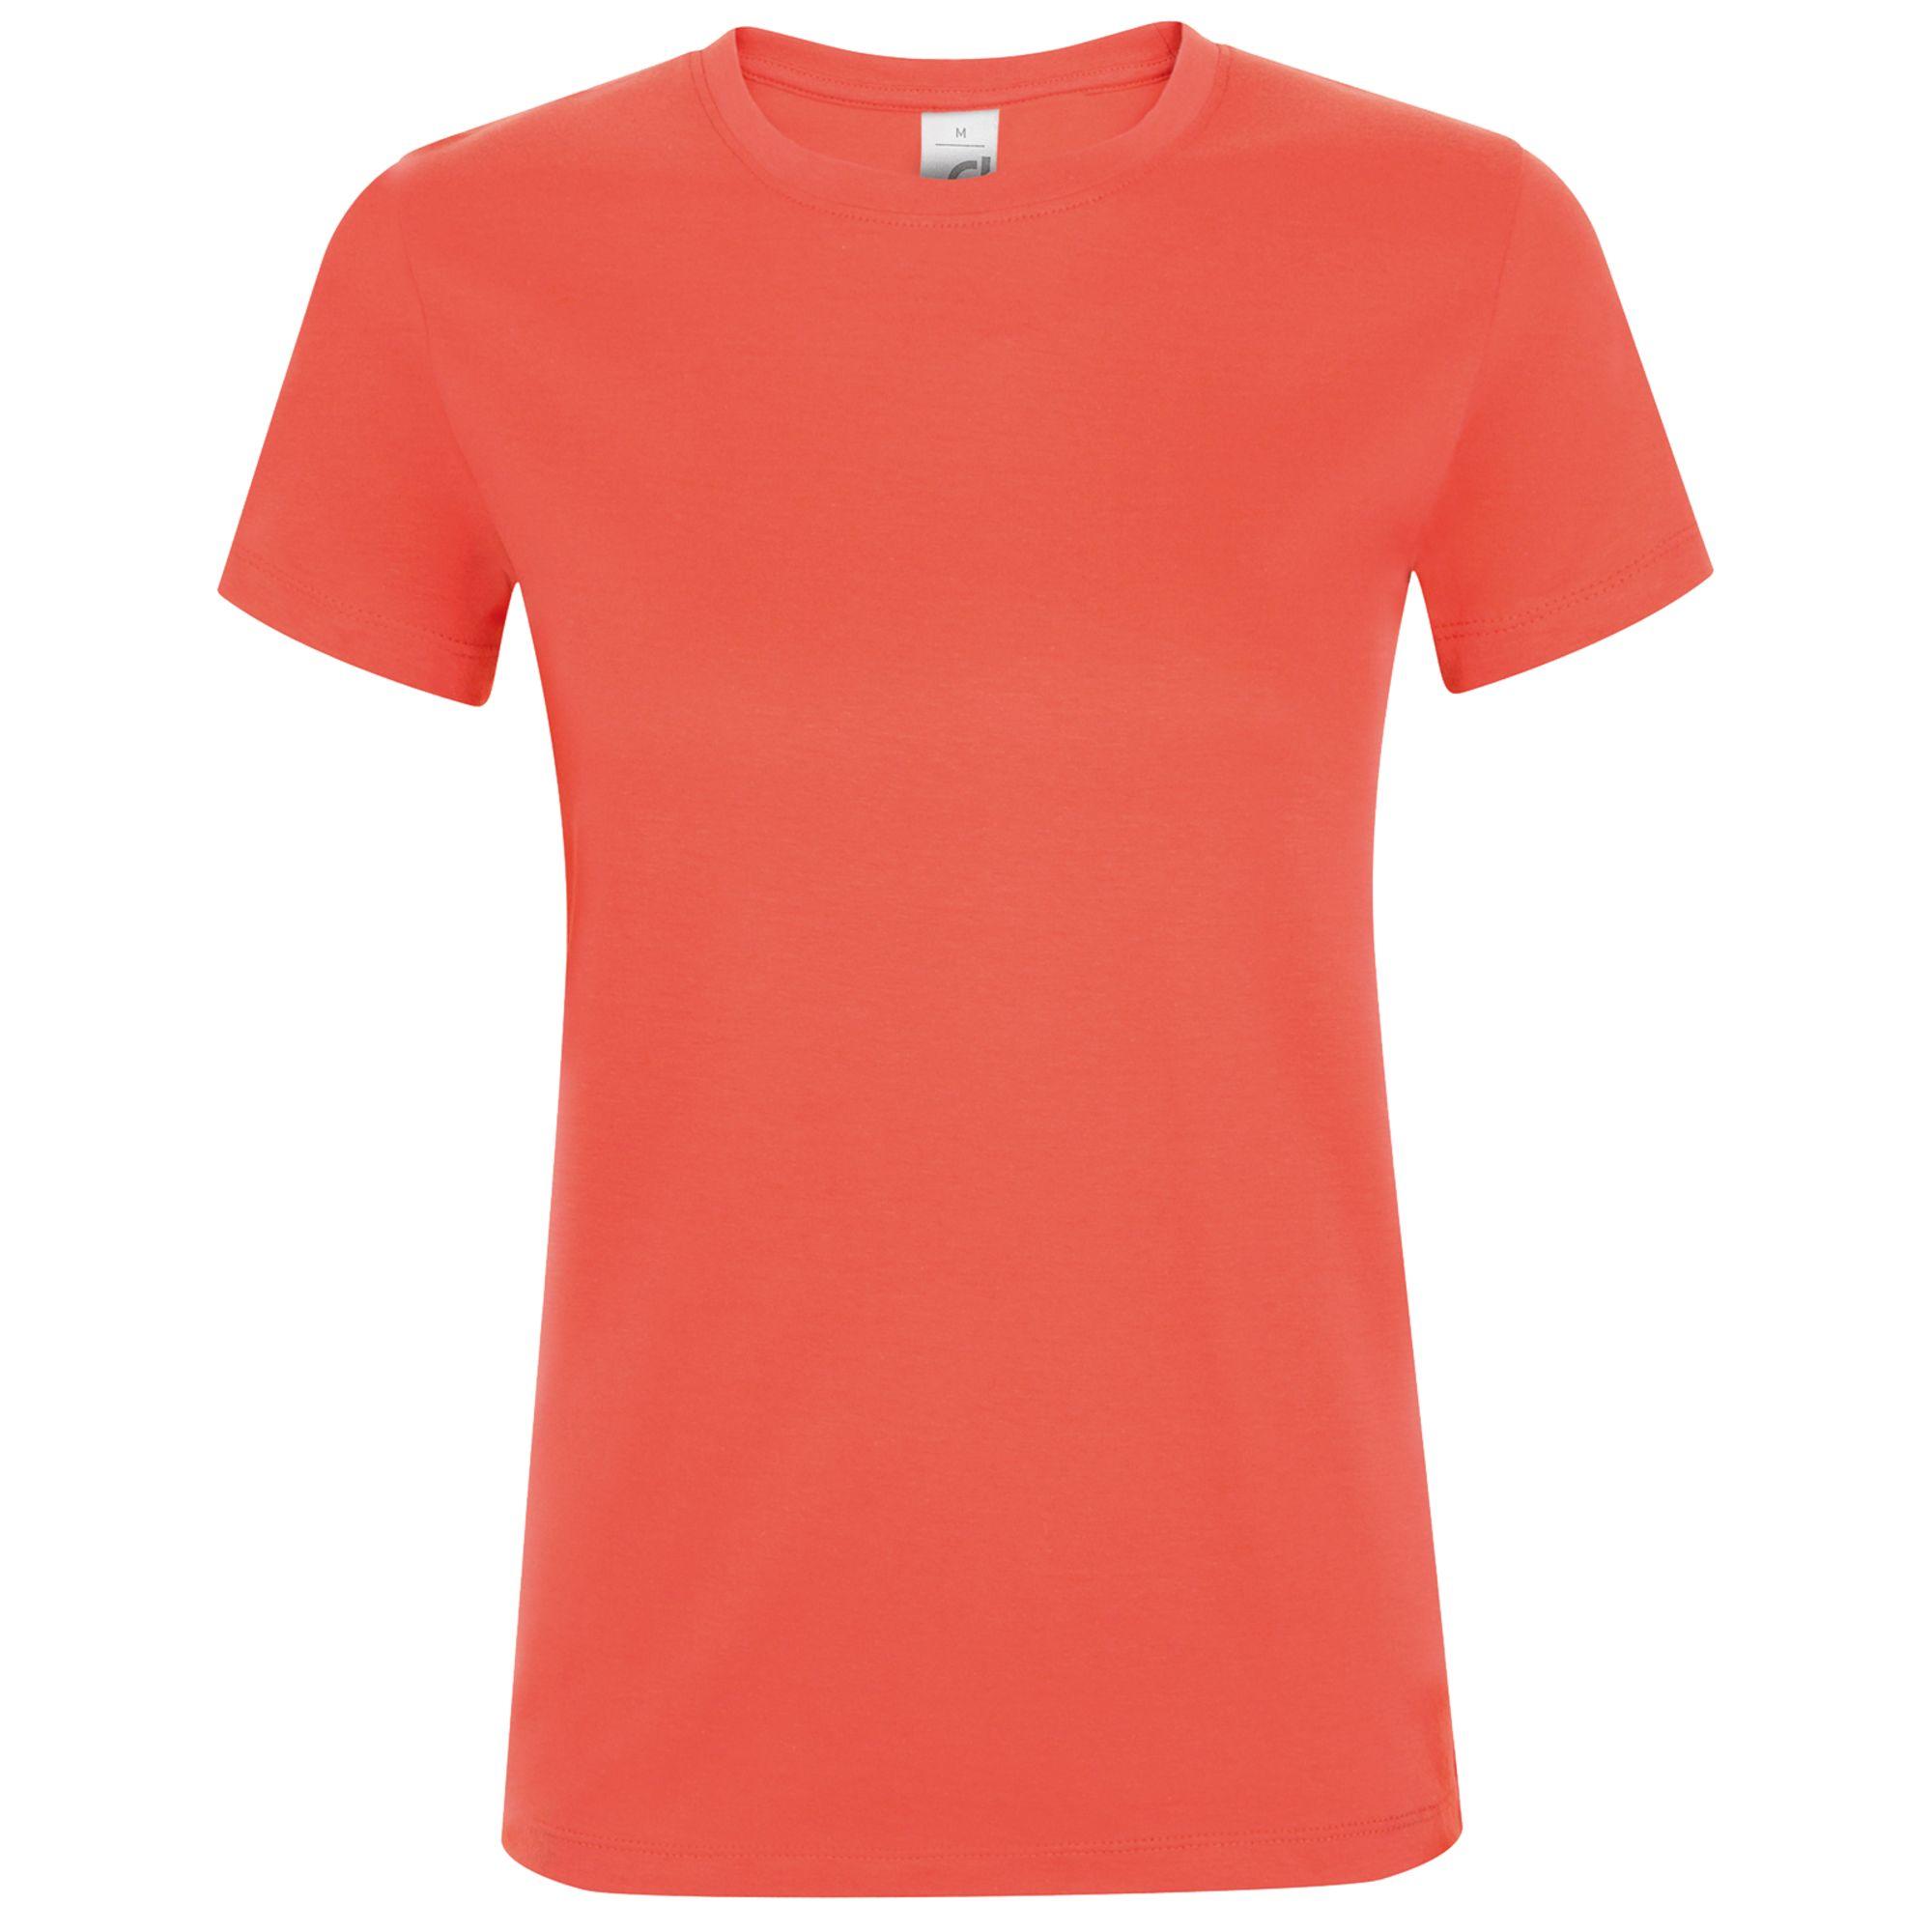 Футболка женская REGENT WOMEN, розовая (коралловая)